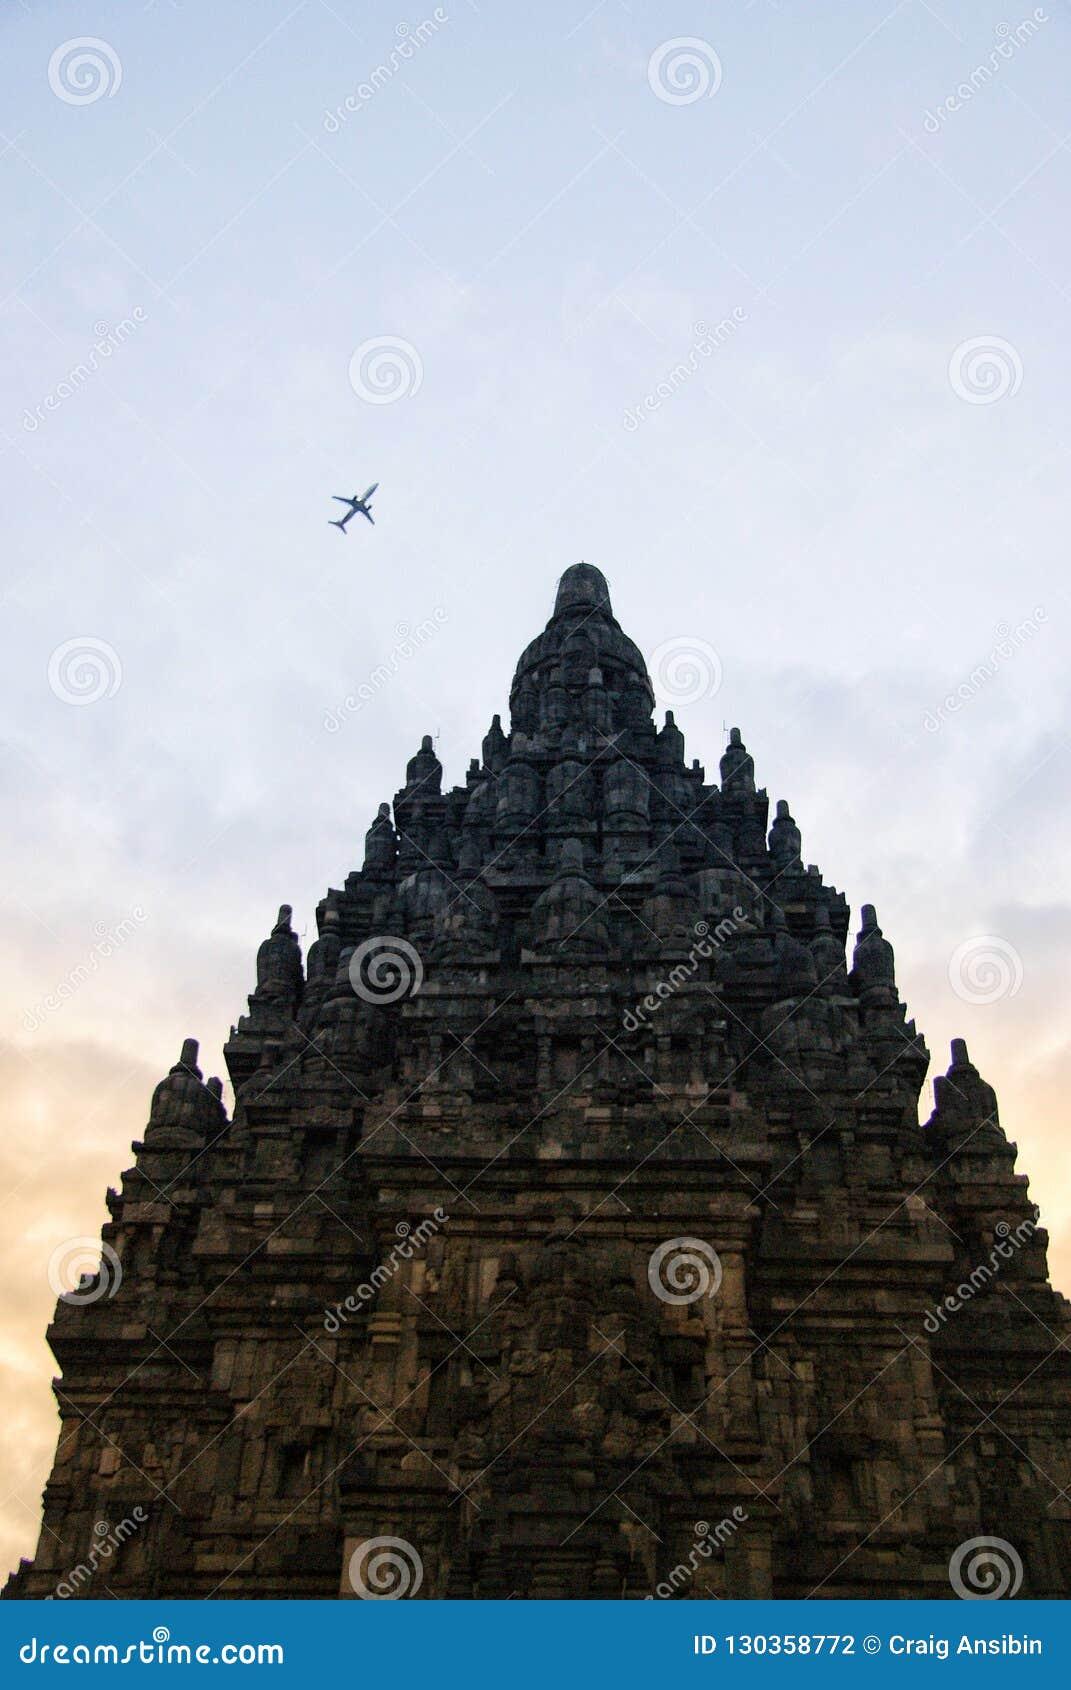 Ιστορικός σύνθετος Prambanan σε Yogyakarta, Ινδονησία